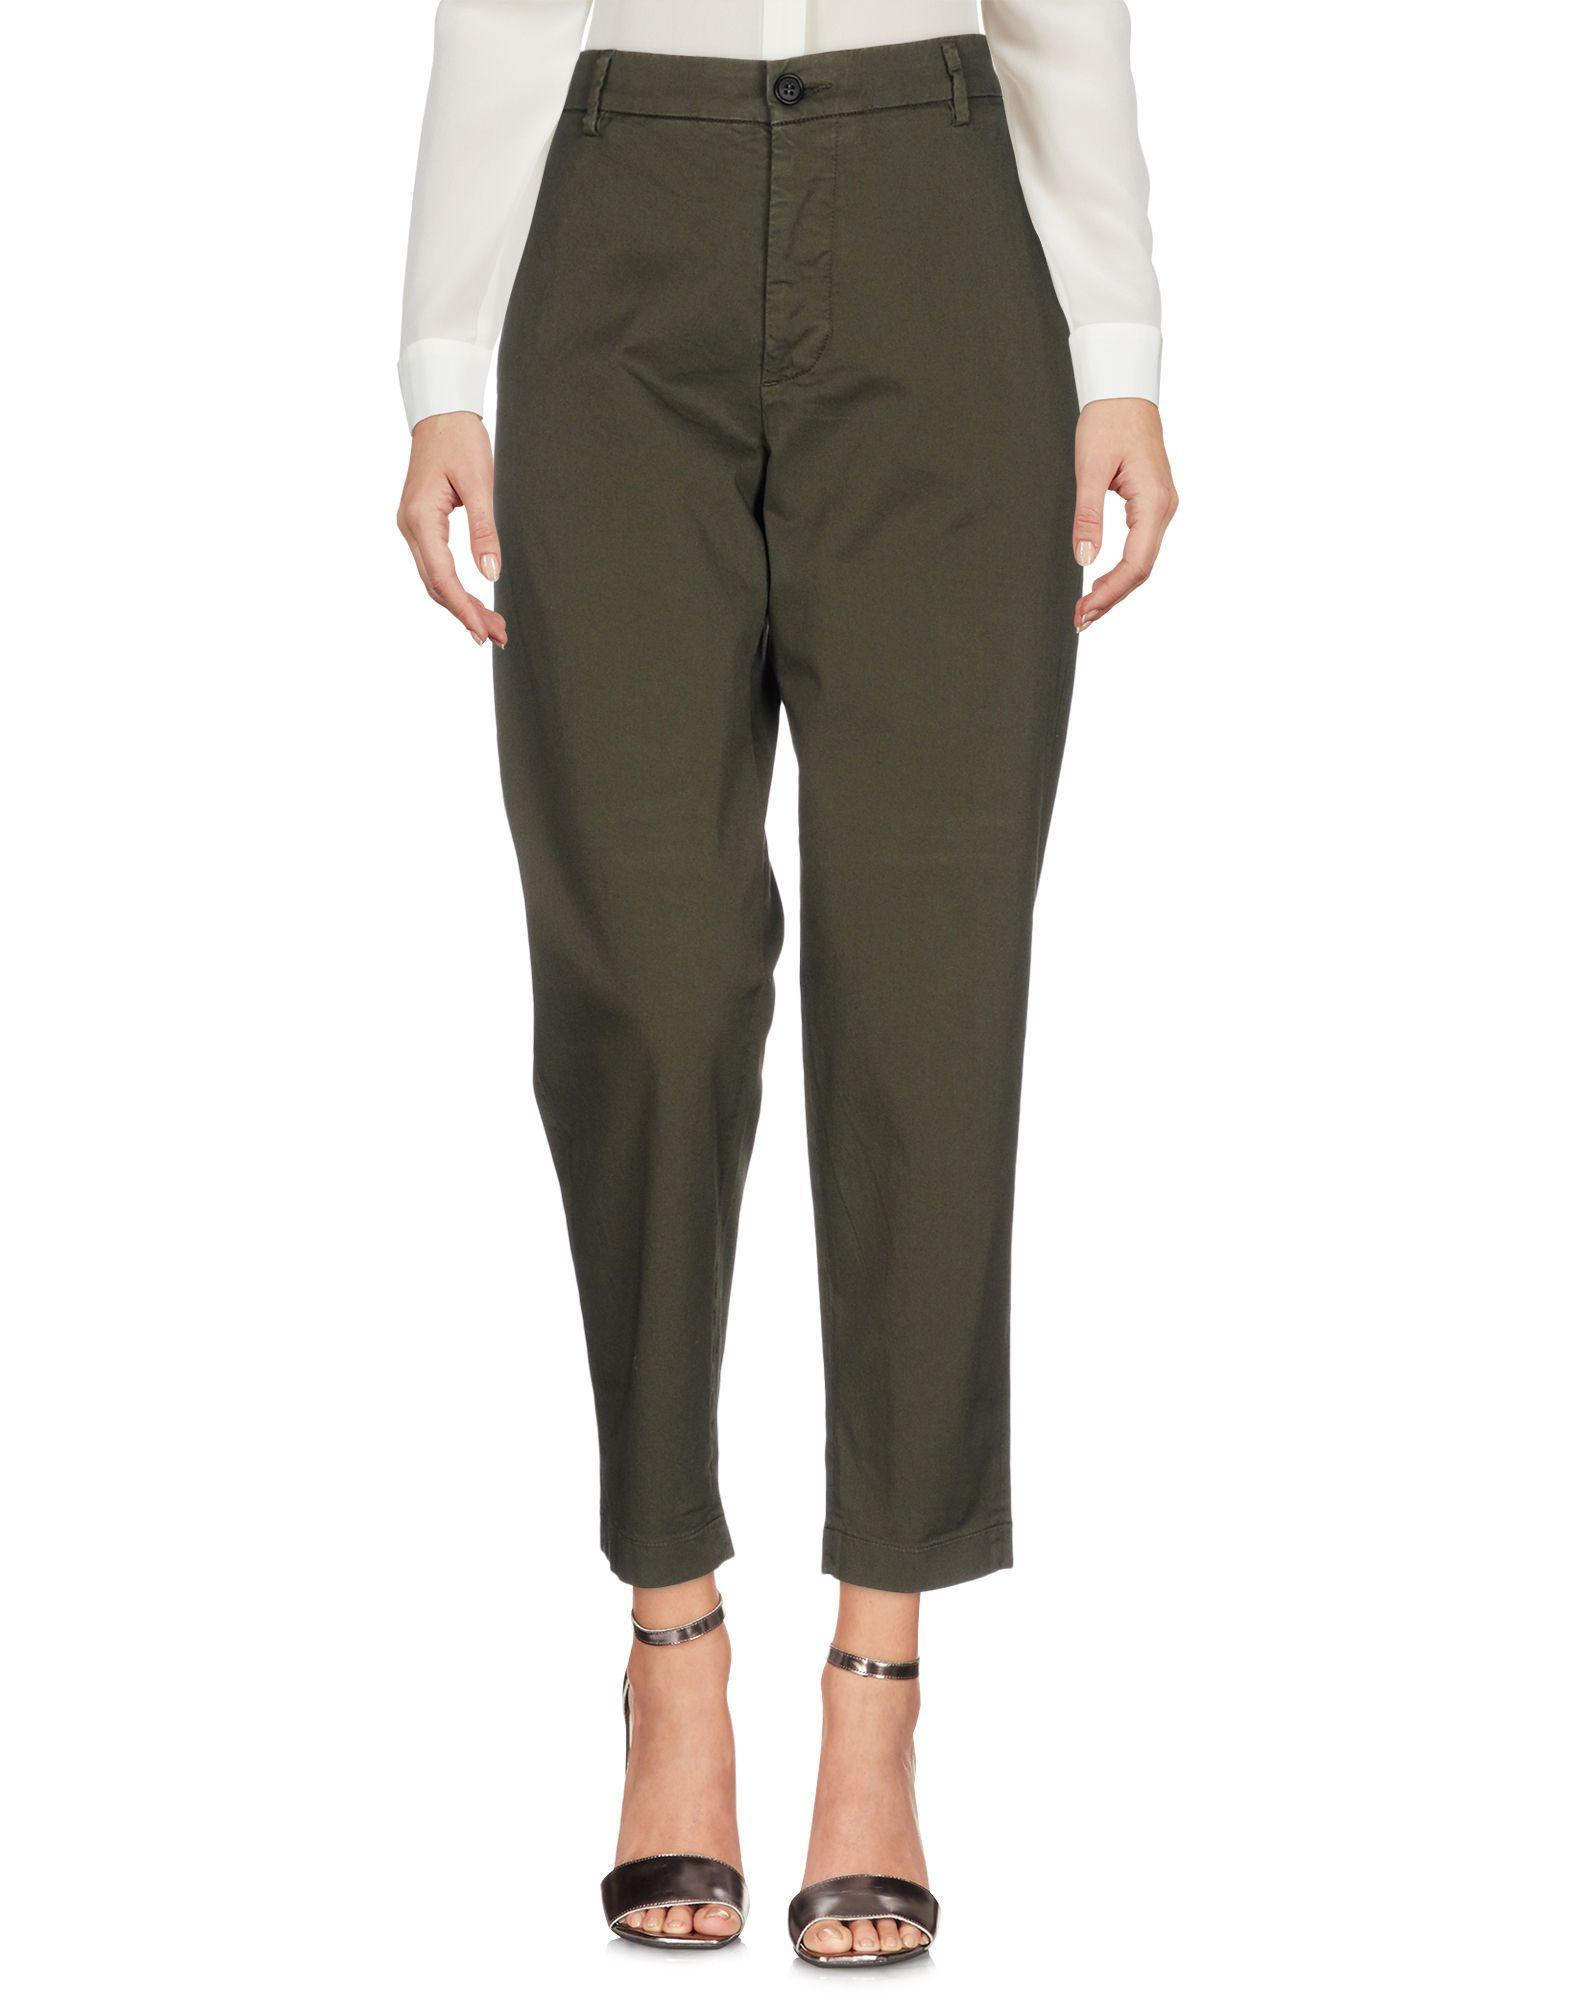 Barena Venezia Casual Pants In Military Green